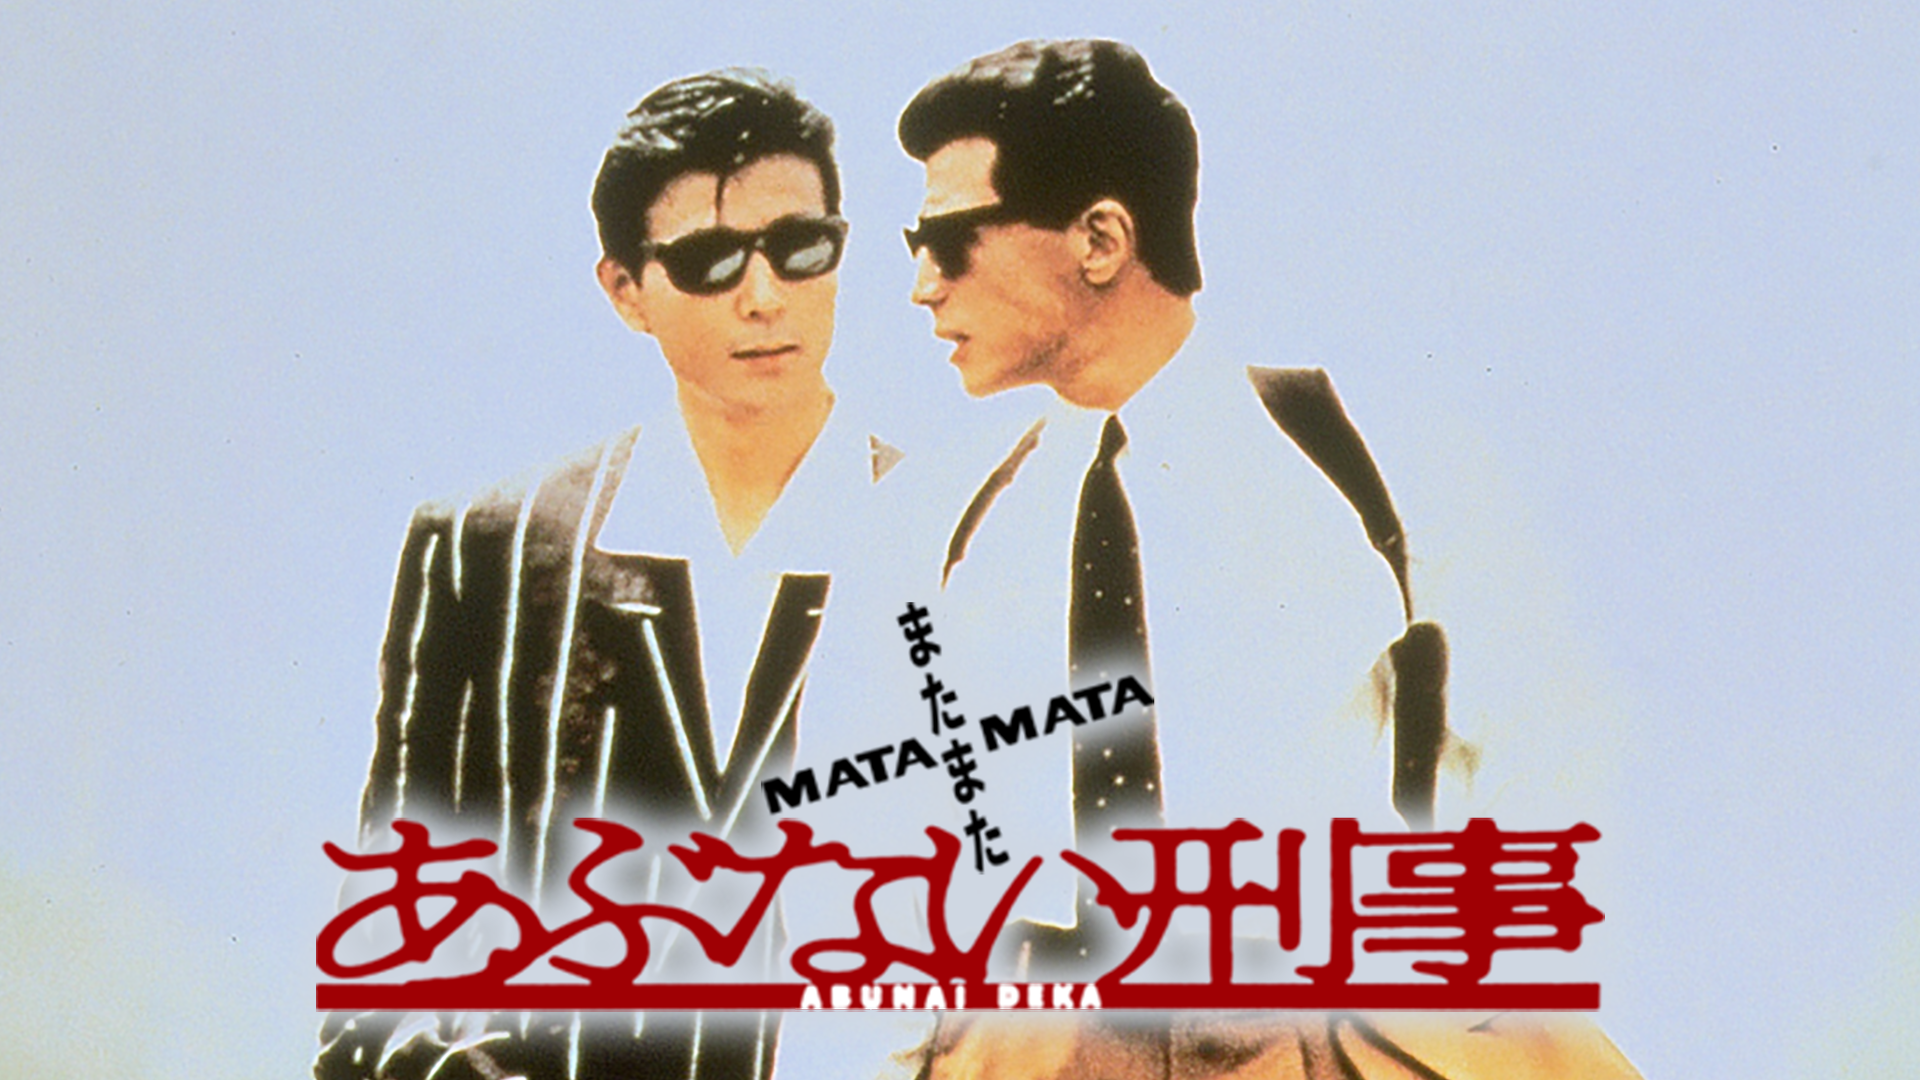 またまたあぶない刑事(1988)  | 無料動画